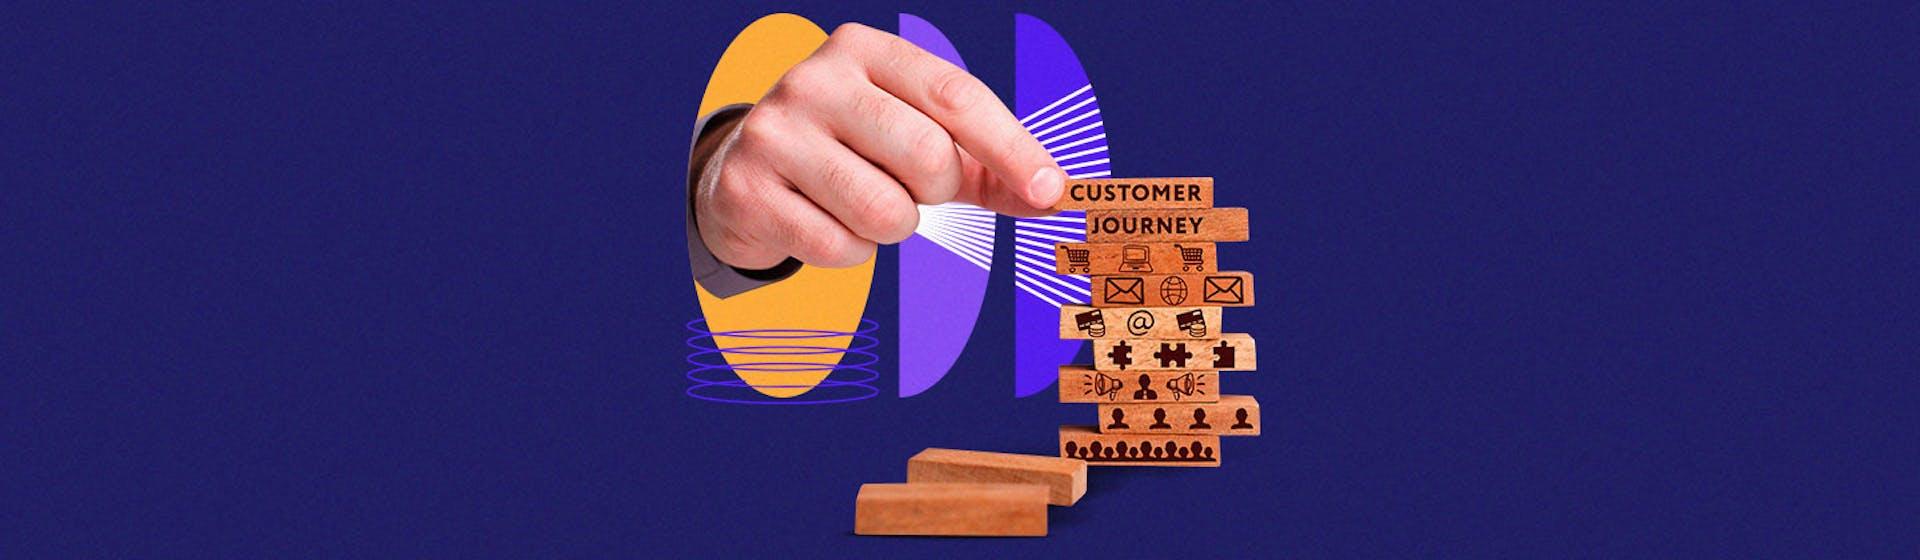 ¿Qué es el customer journey? Conoce los detalles de cómo flechar a tu buyer persona